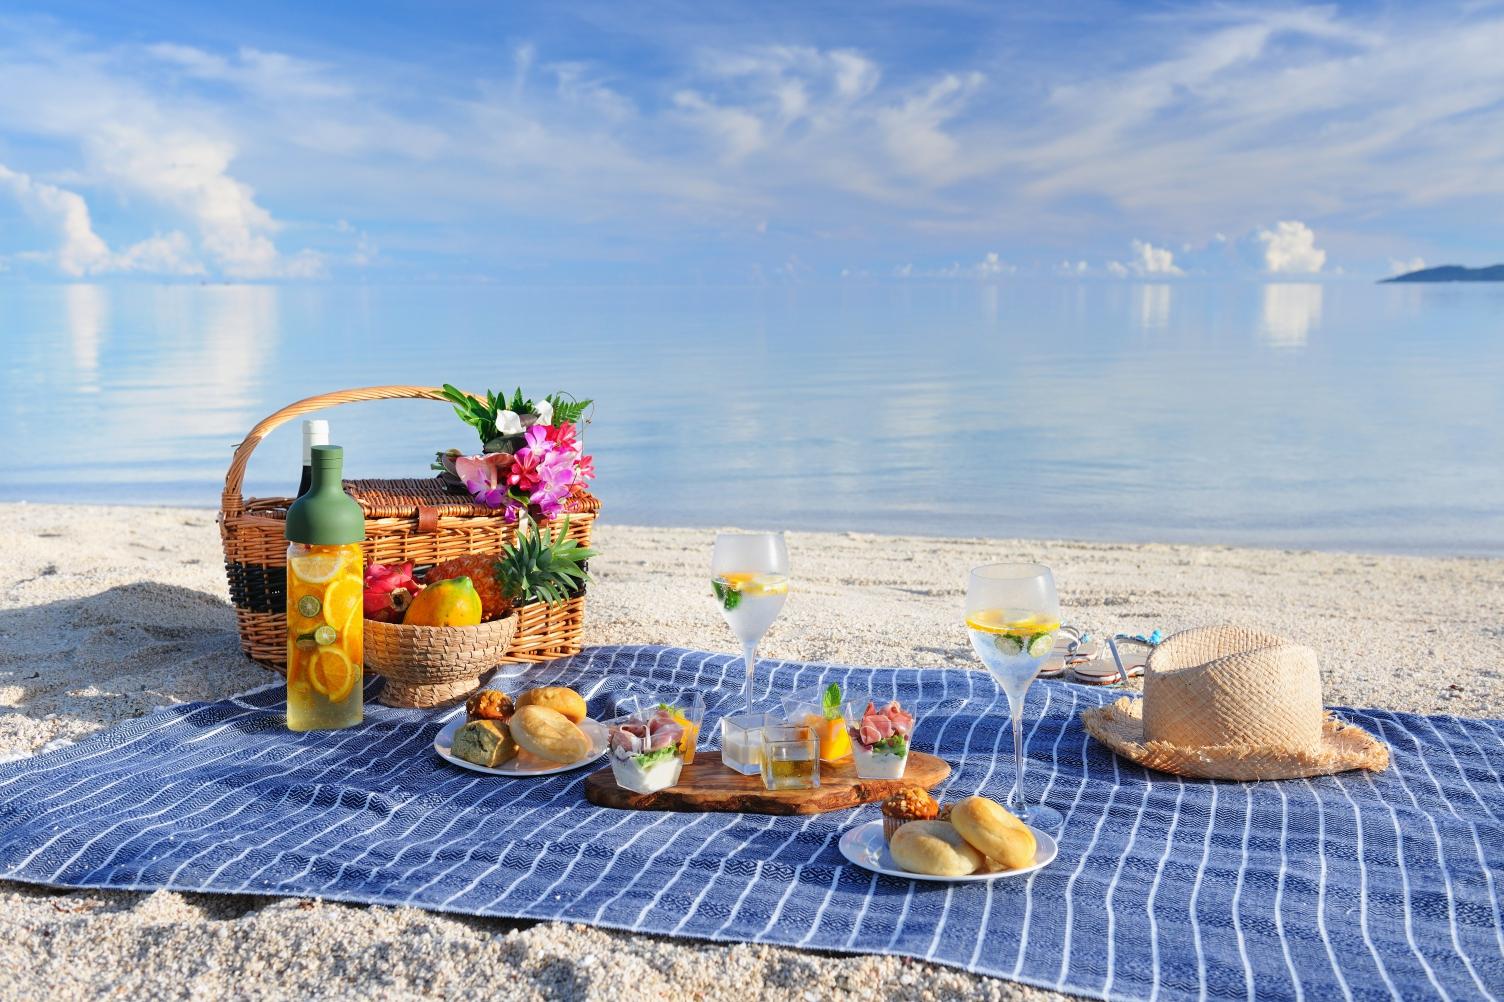 のんびりとした島時間の中で楽しむピクニック